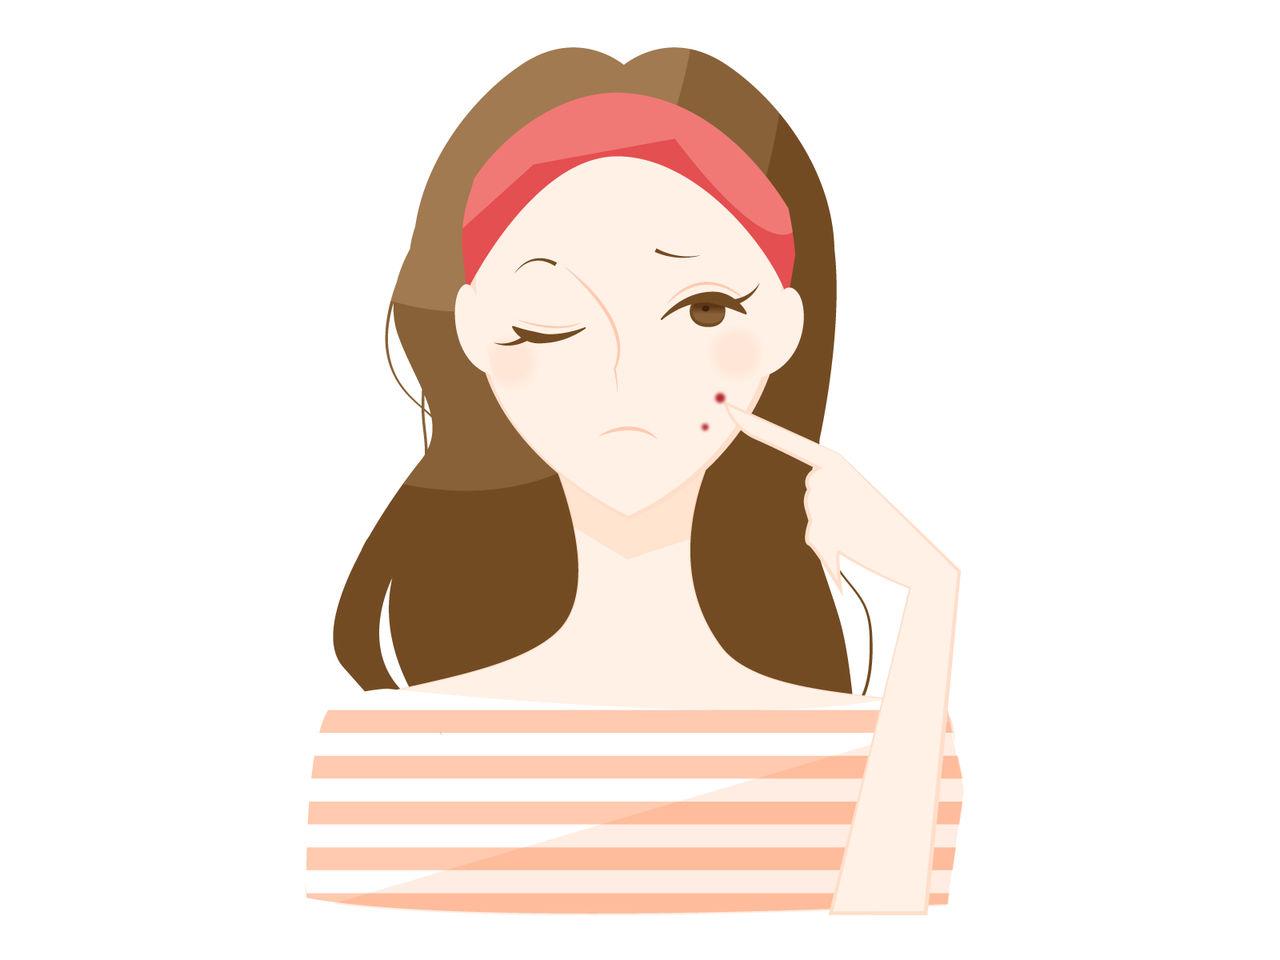 吹き出物 原因 の 顎